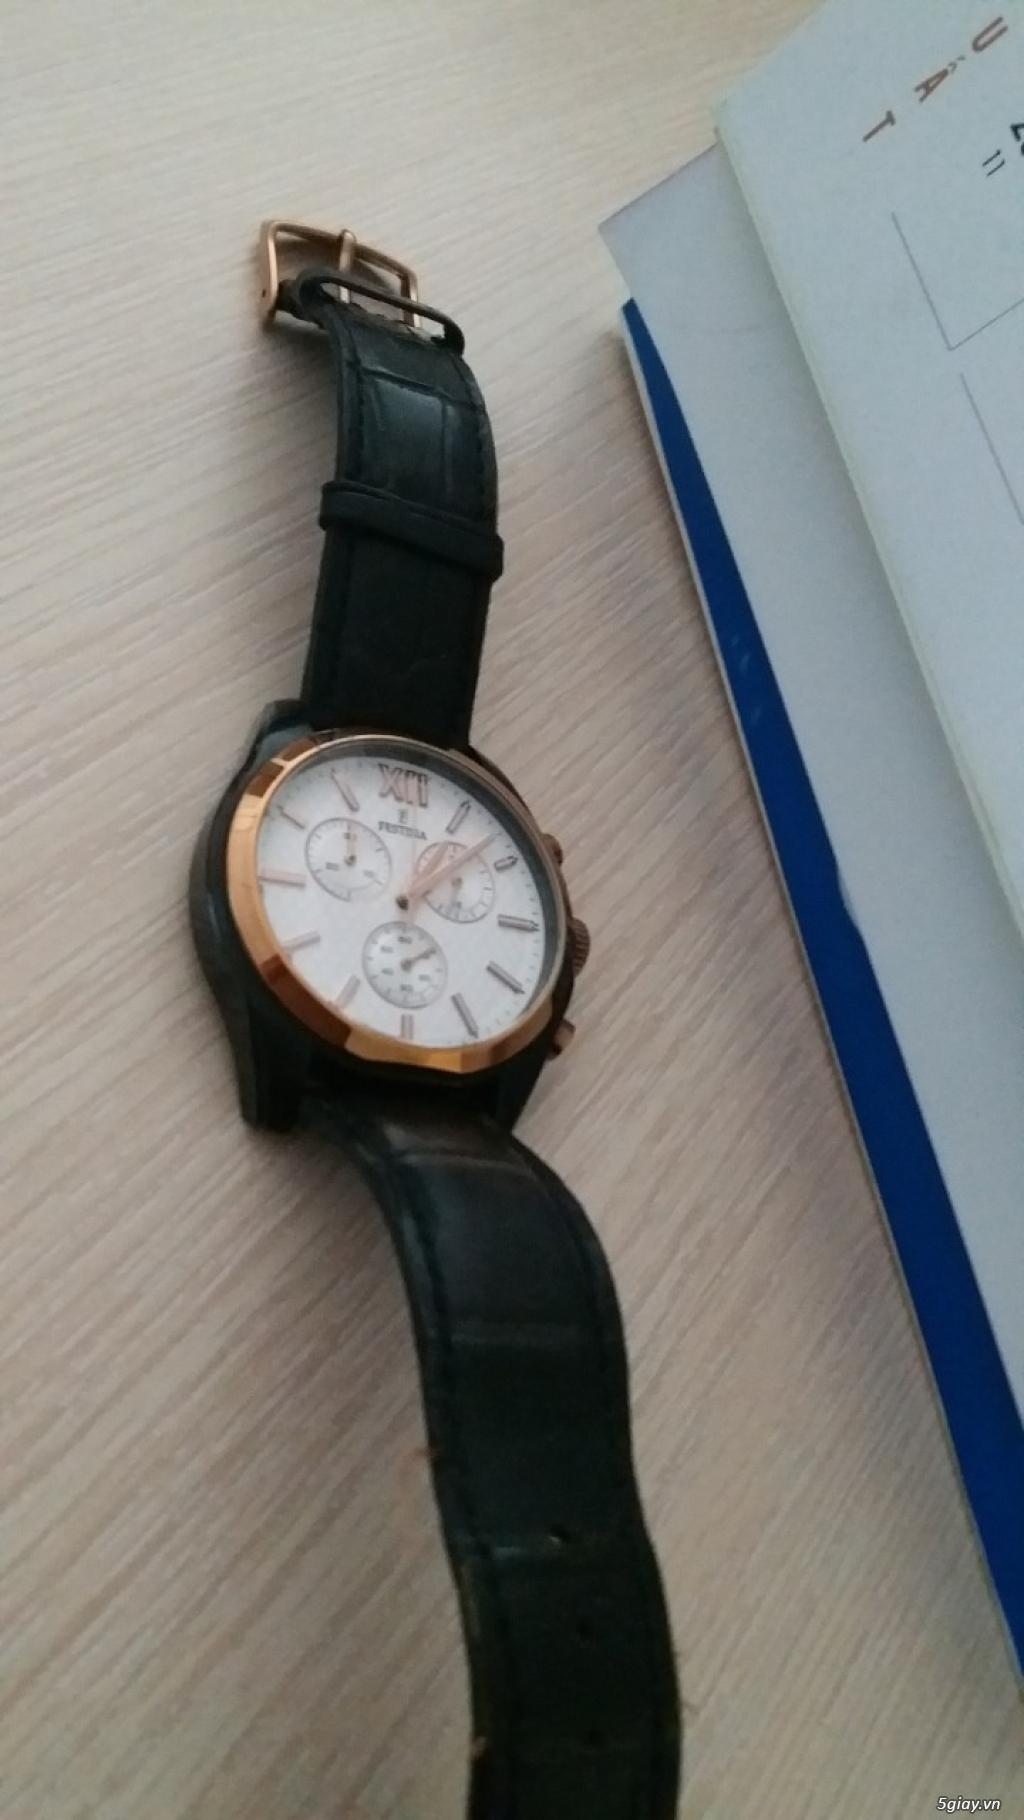 Cần bán đồng hồ Tây ban Nha Festina F16861,chính hãng - 2